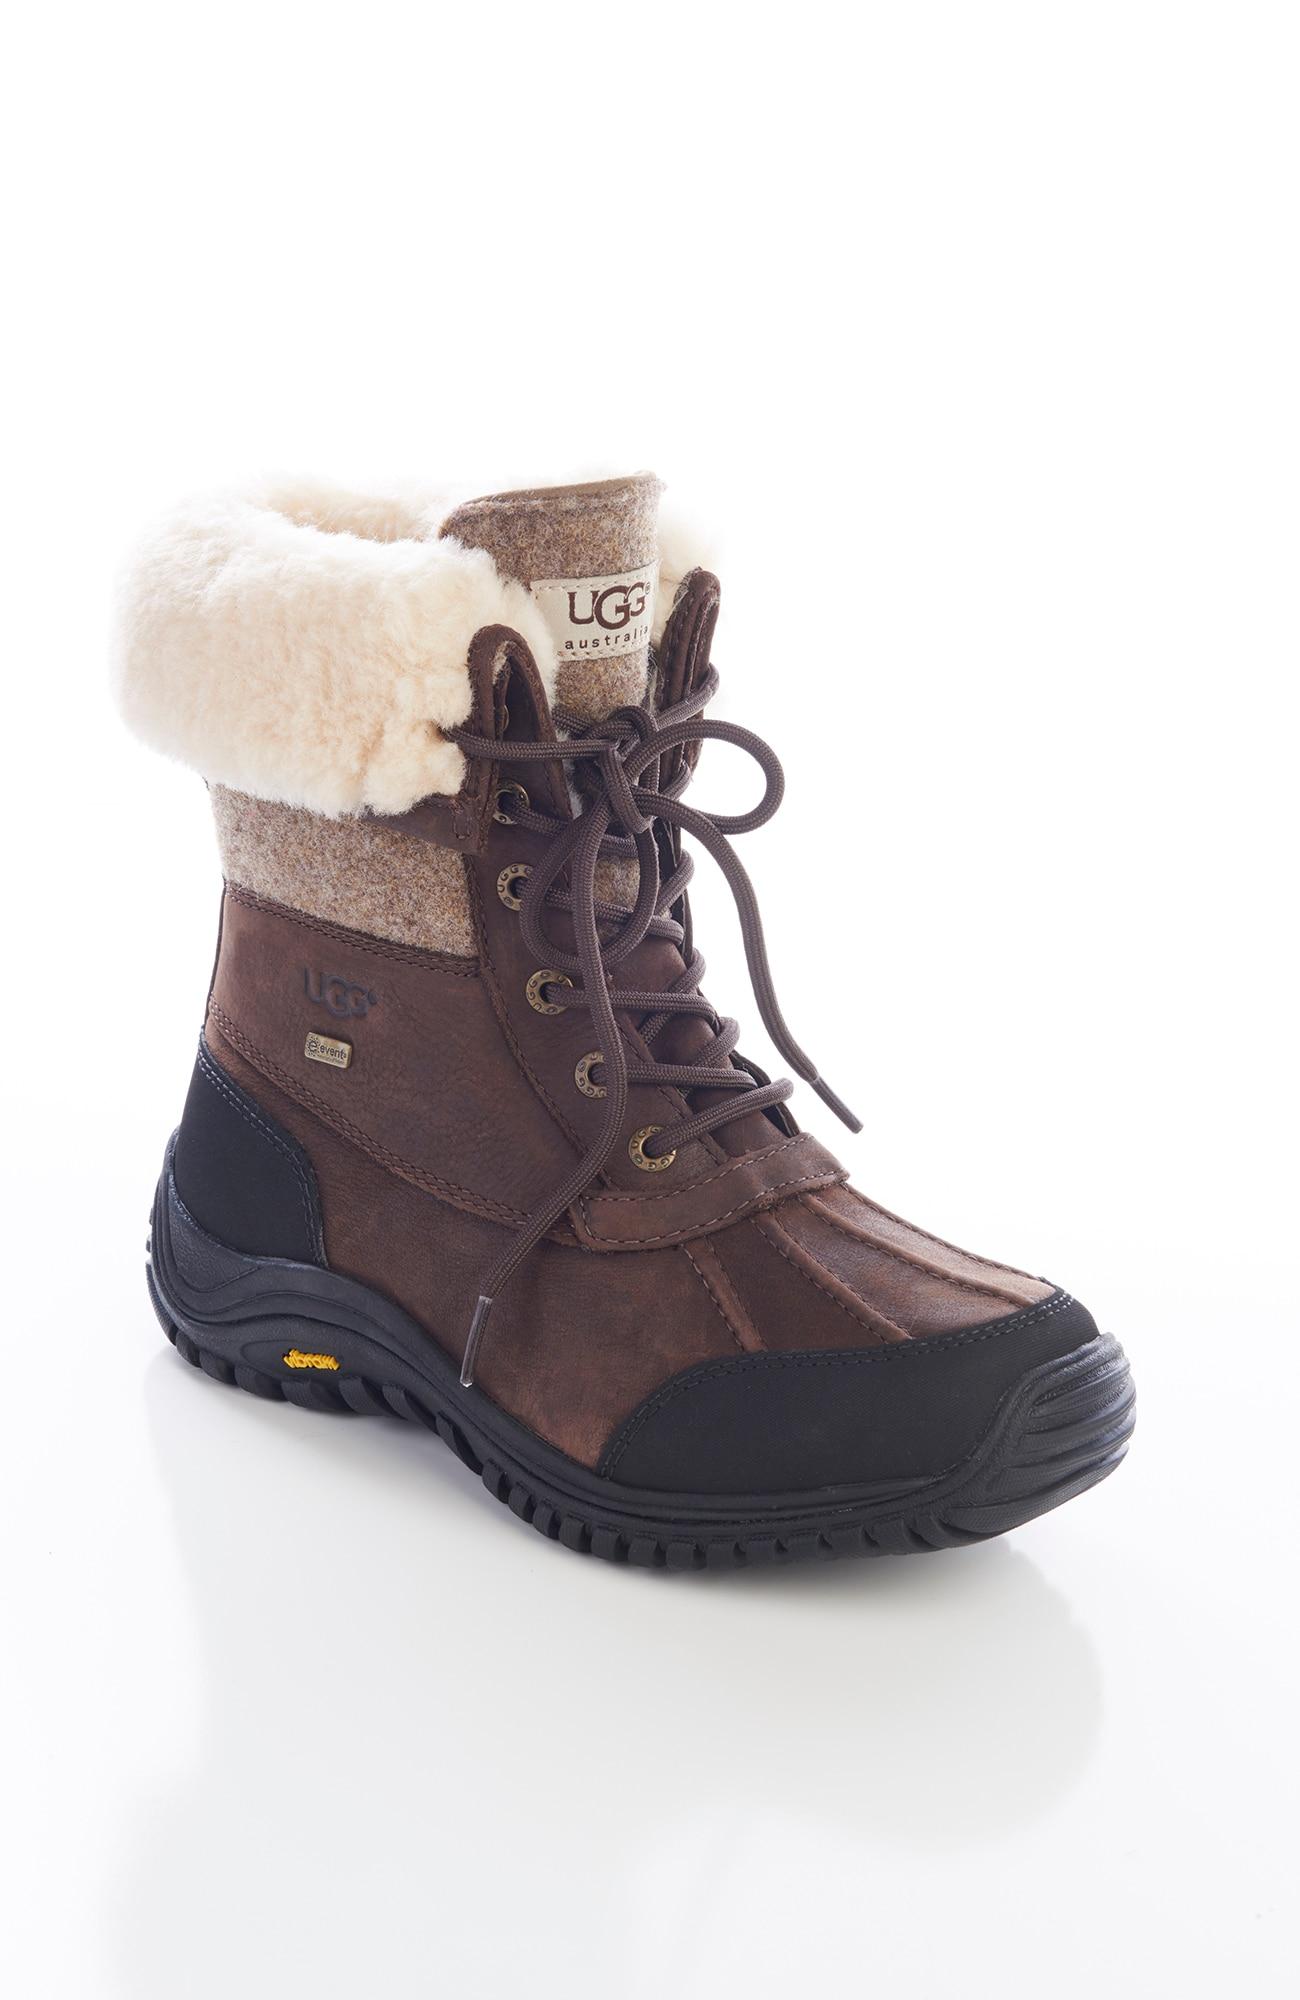 UGG® Adirondack II boots